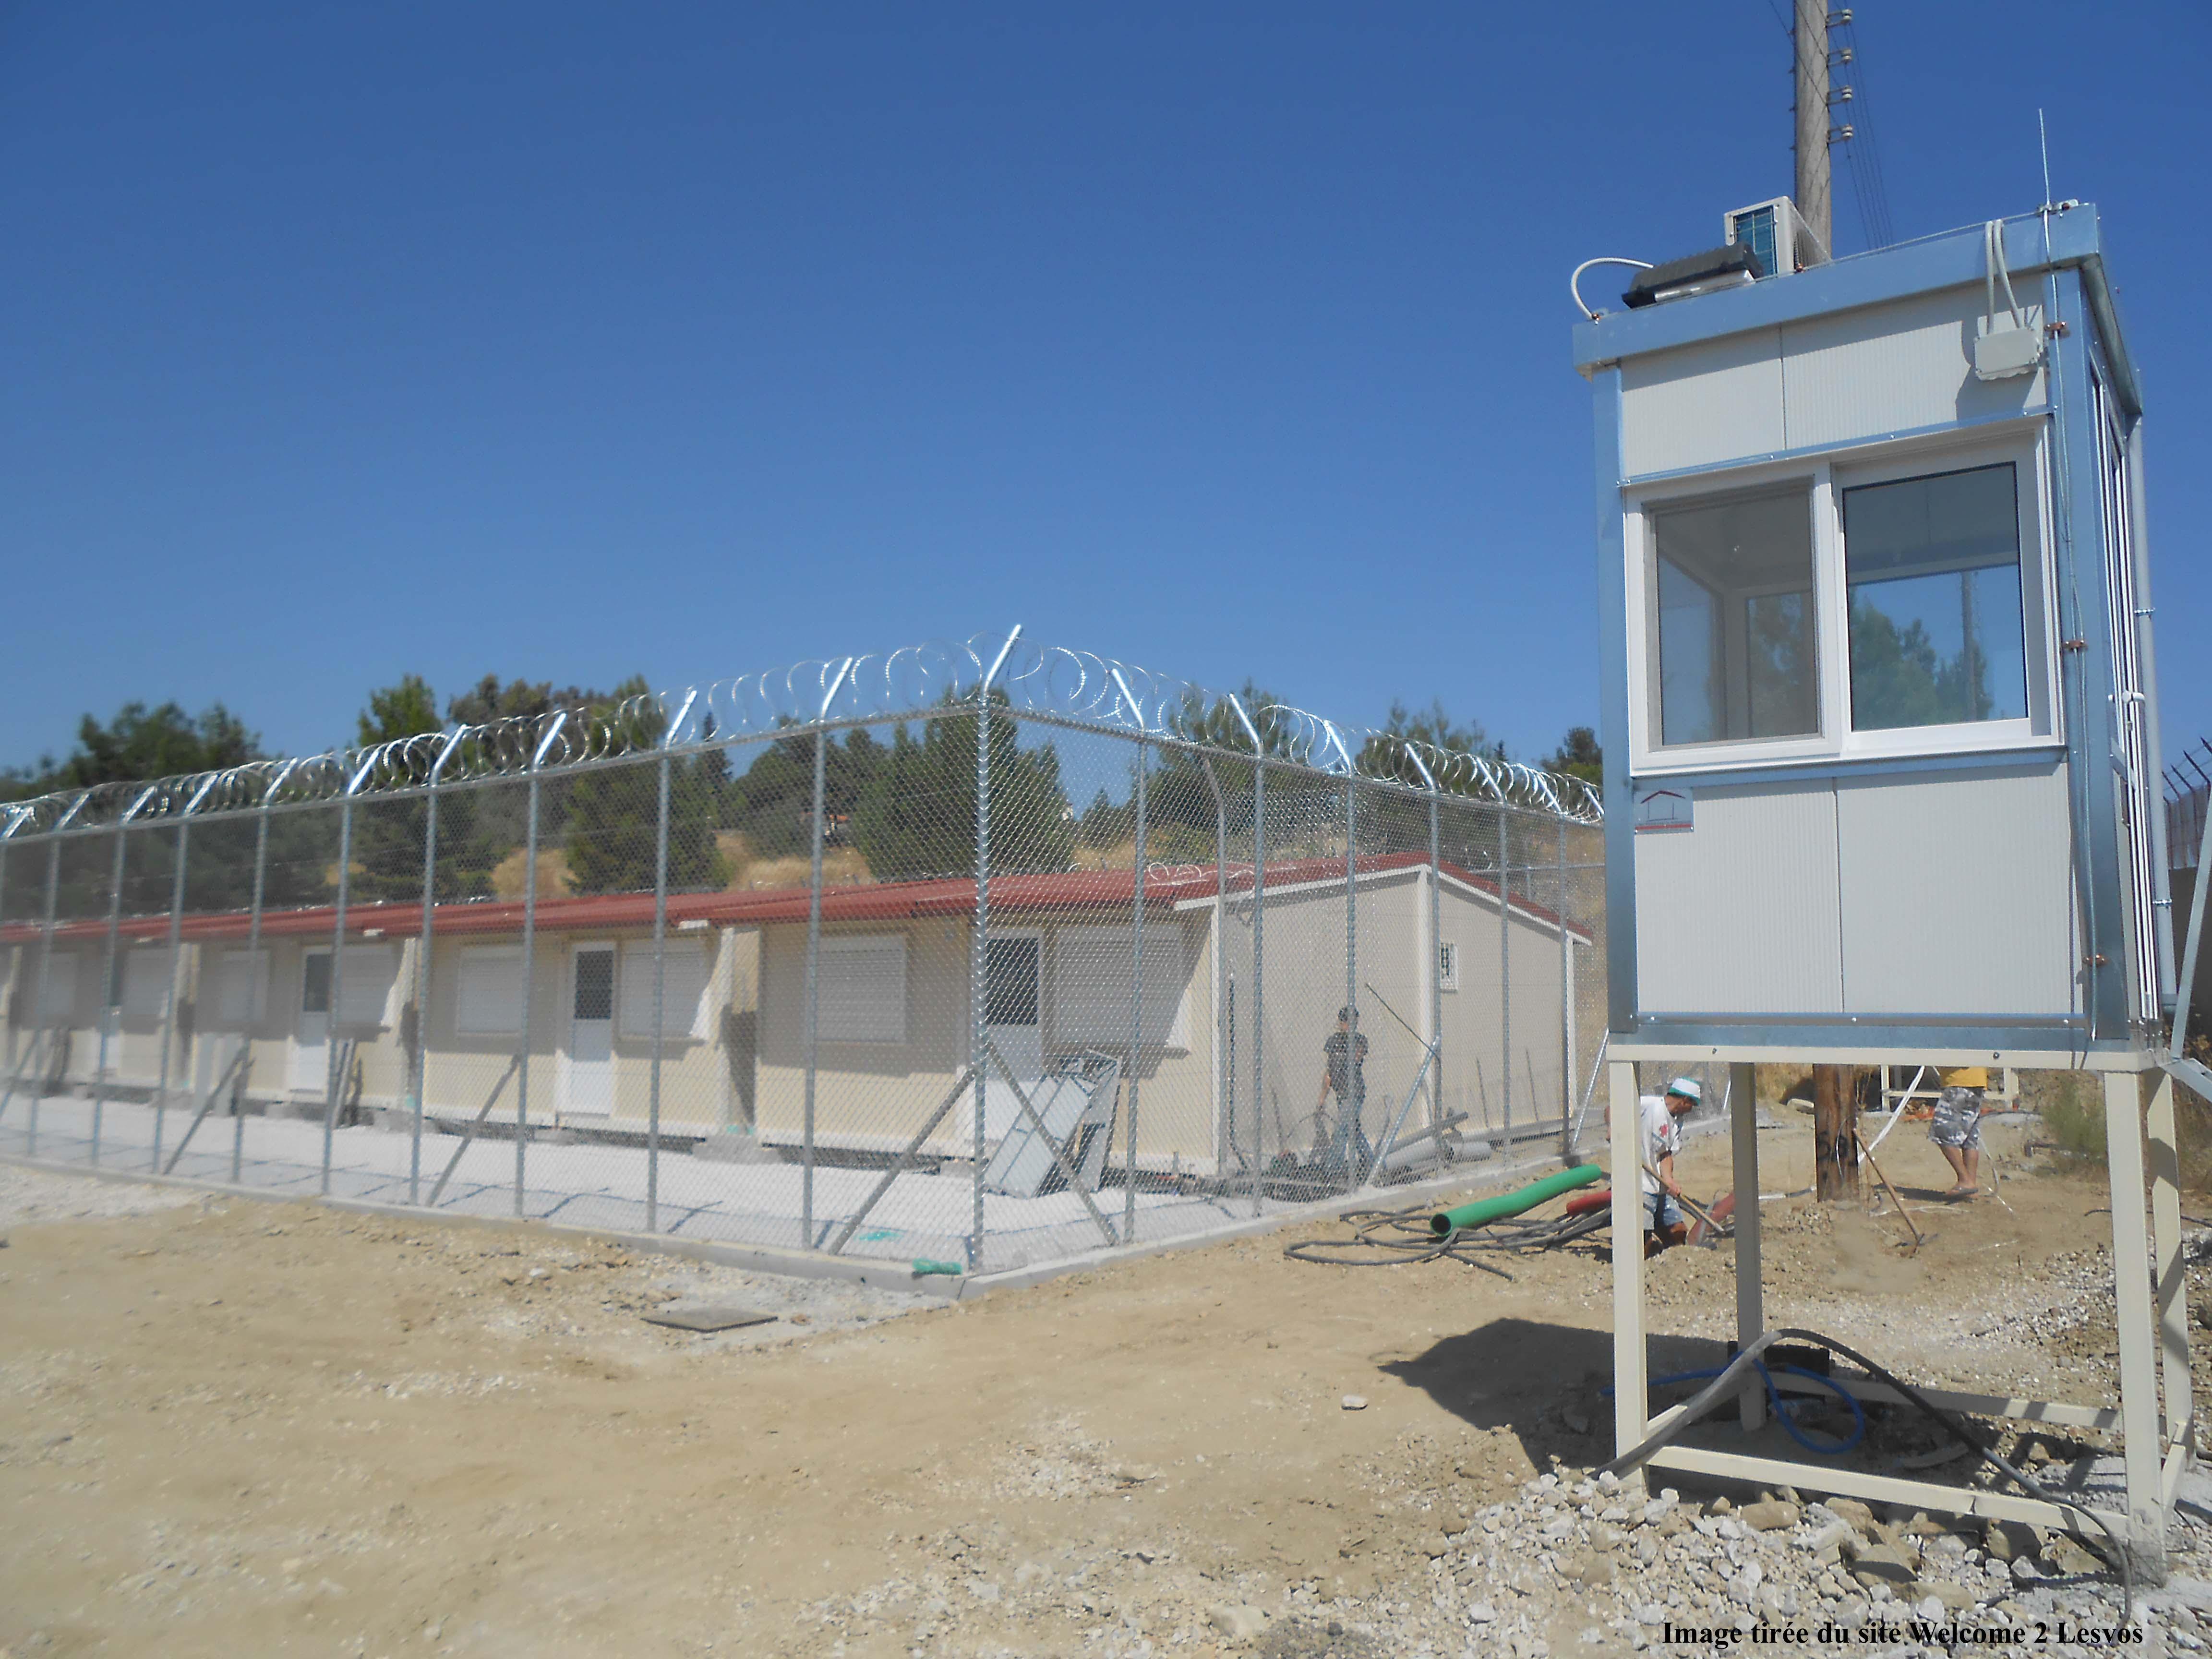 5. Le «centre de premier accueil» de Moria à Lesbos en septembre 2013, peu avant son ouverture (image tirée du site Welcome2Lesvos, droits réservés)